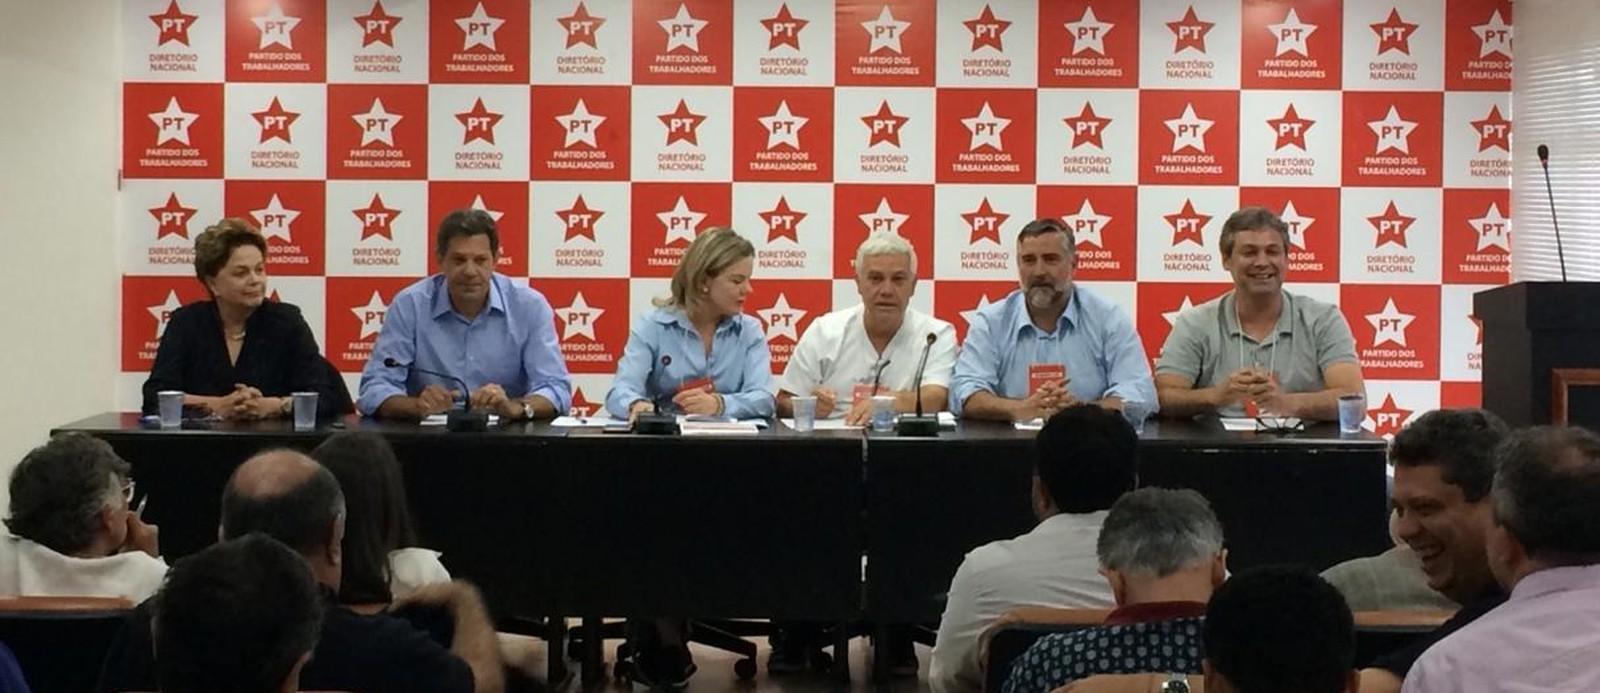 Haddad vai articular frente por 'direitos do povo' e em oposição a Bolsonaro, diz presidente do PT